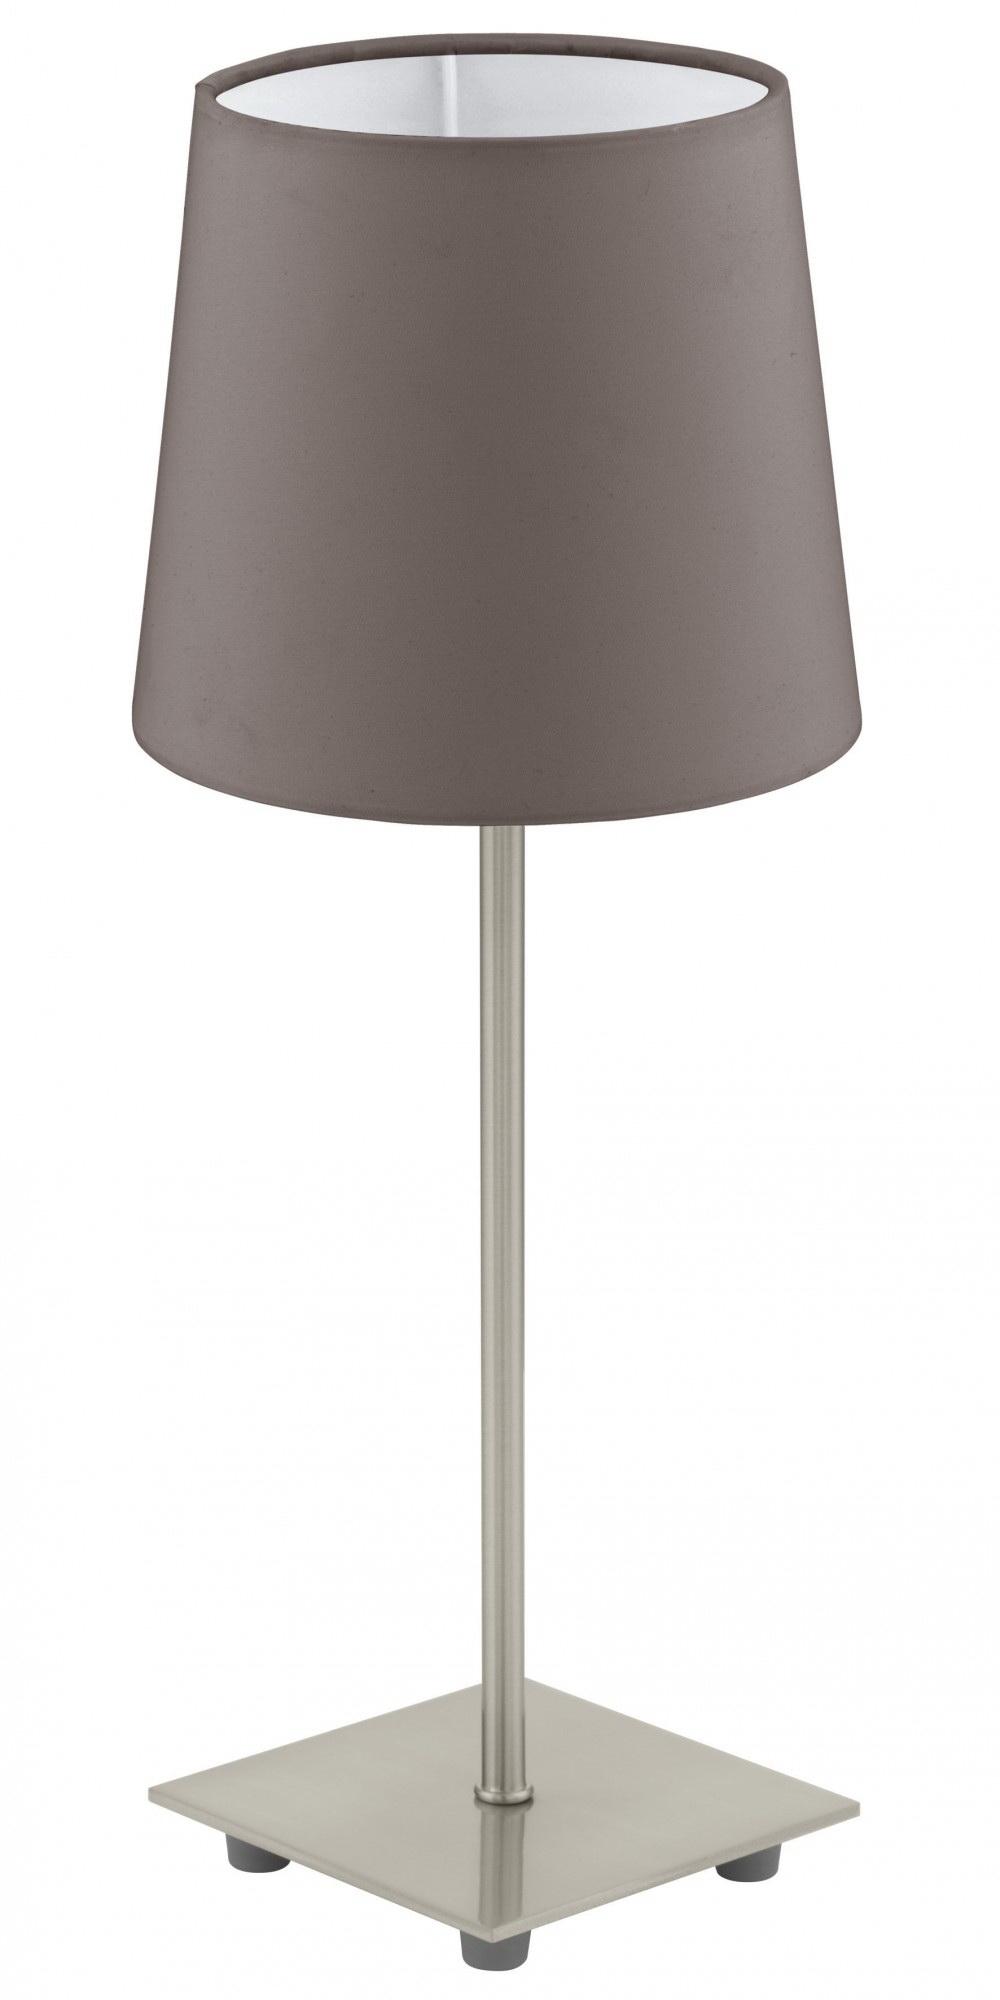 Лампа настольная Eglo Lauritz 92882 eglo настольная лампа lauritz